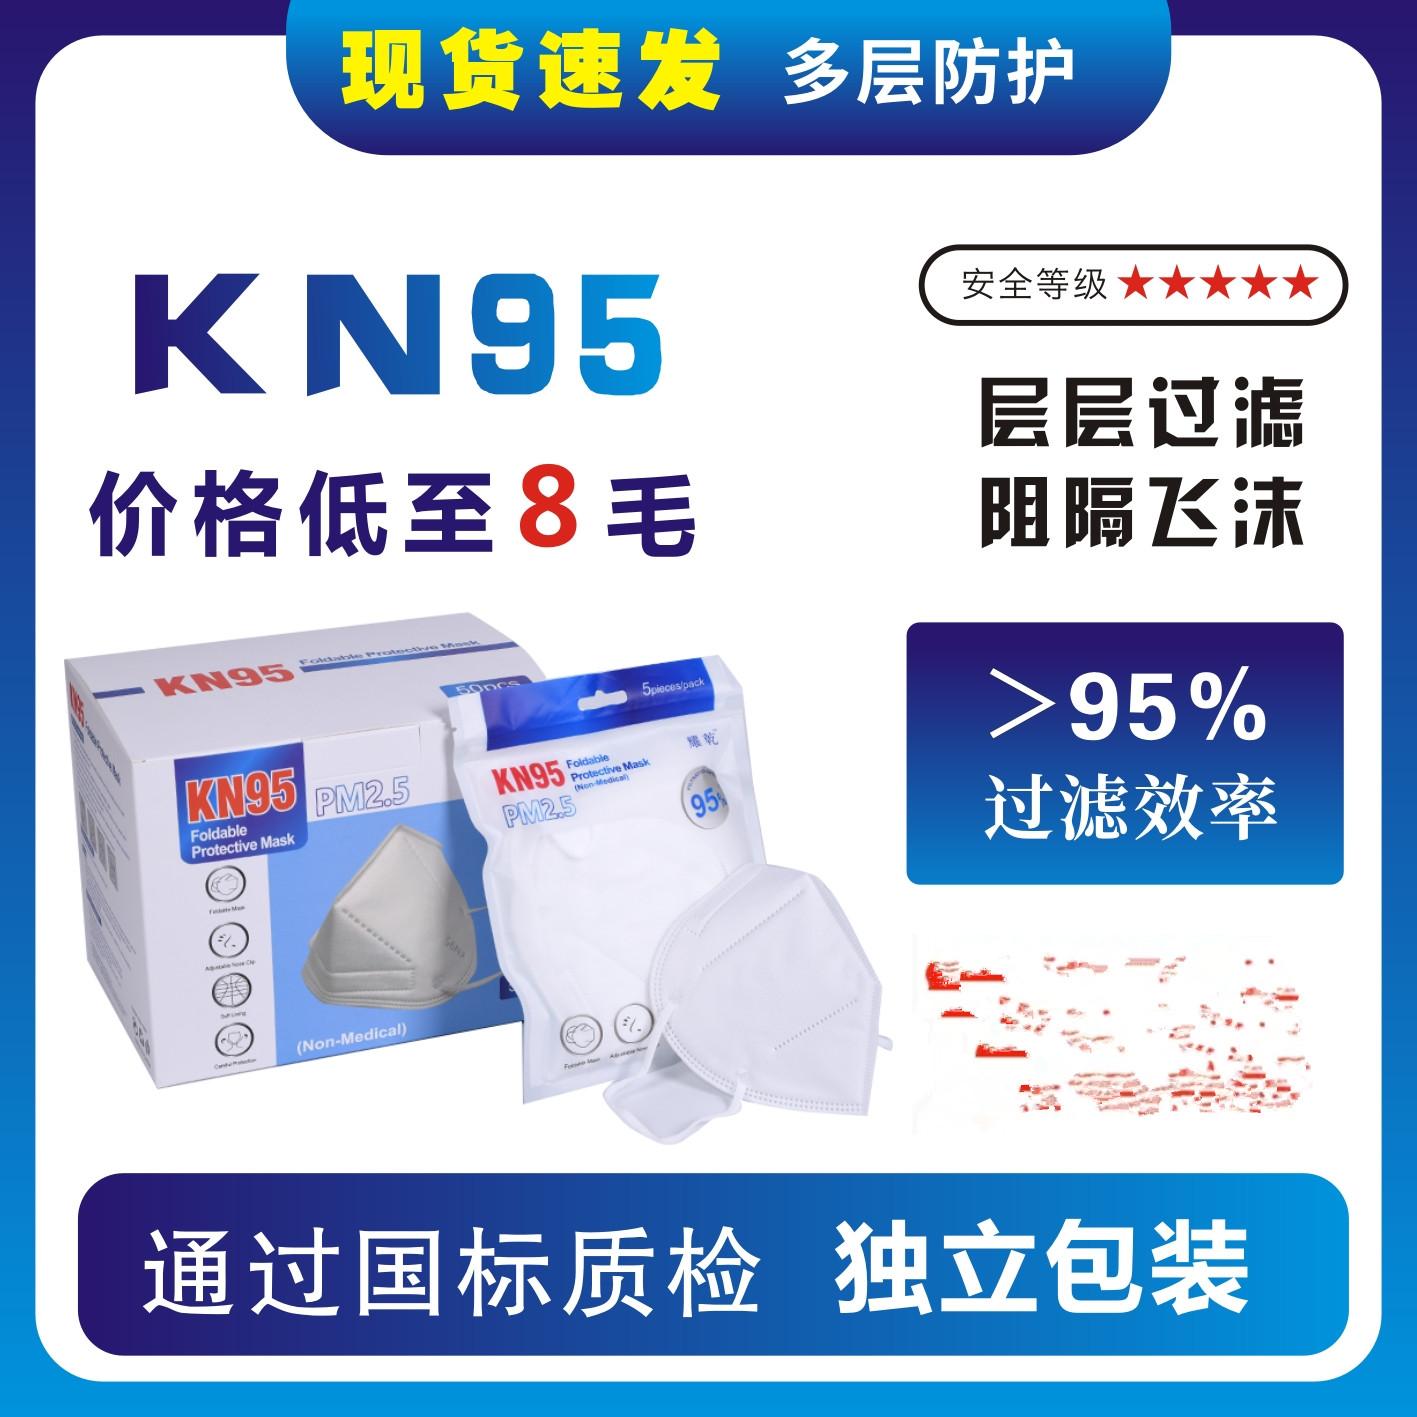 一次性口罩KN95夏天薄款透气三层防护中间含熔喷布滤材防尘无纺布